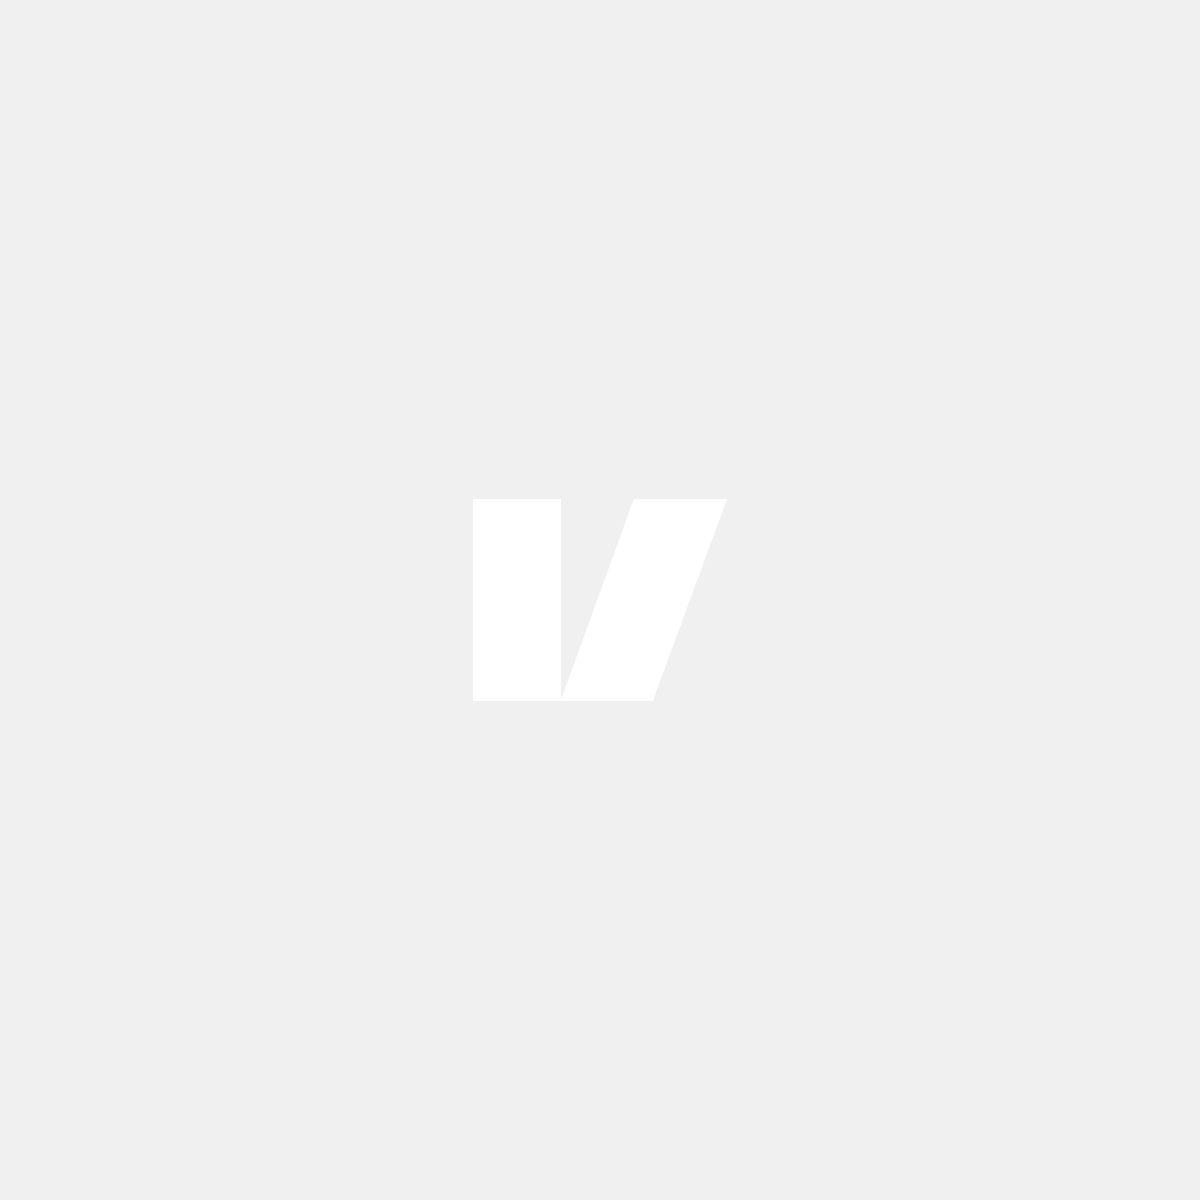 G&M Sportstötdämpare Fram, till Volvo S60, S80, V70